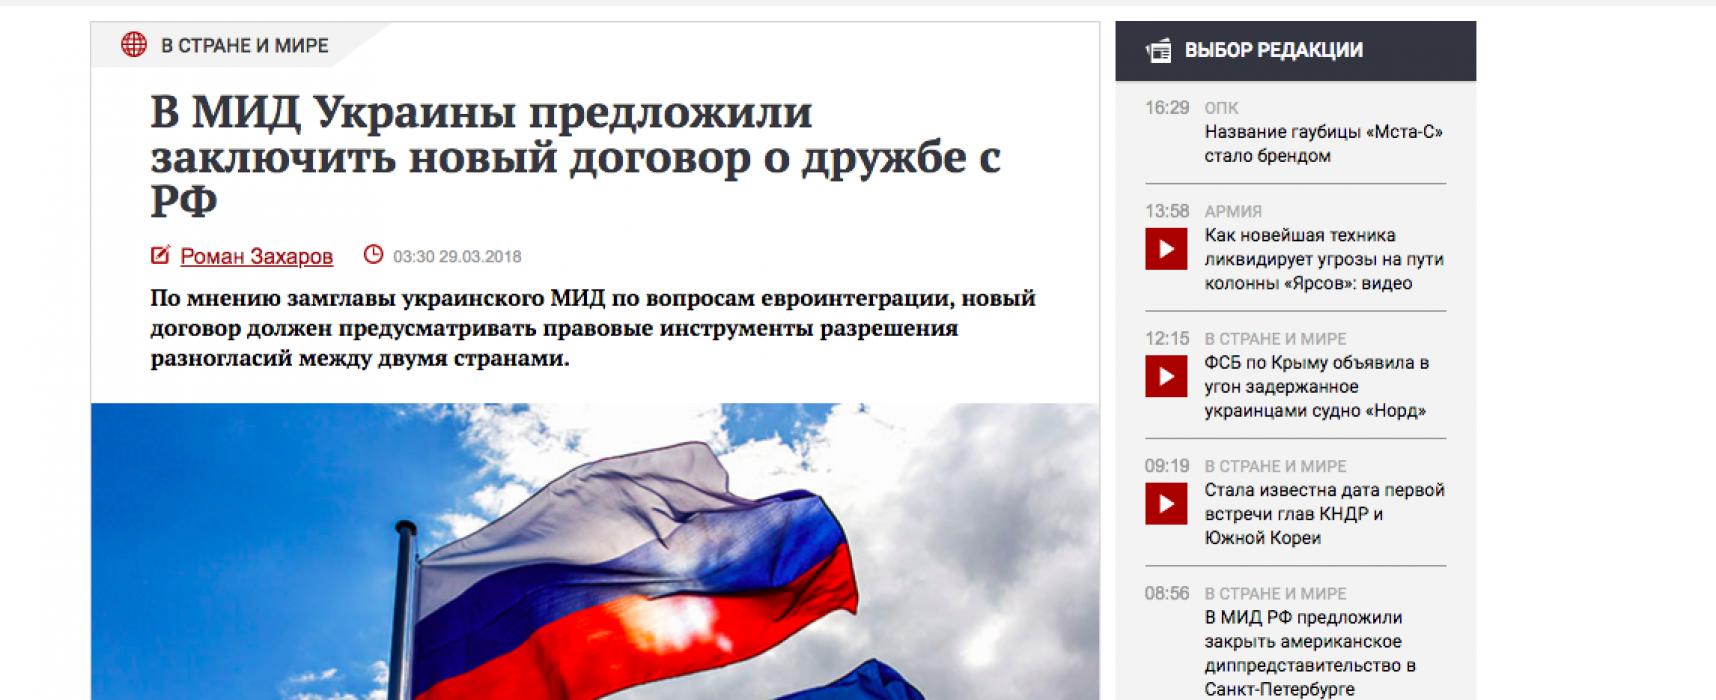 Российские СМИ манипулируют заявлением МИД Украины о «Большом договоре»